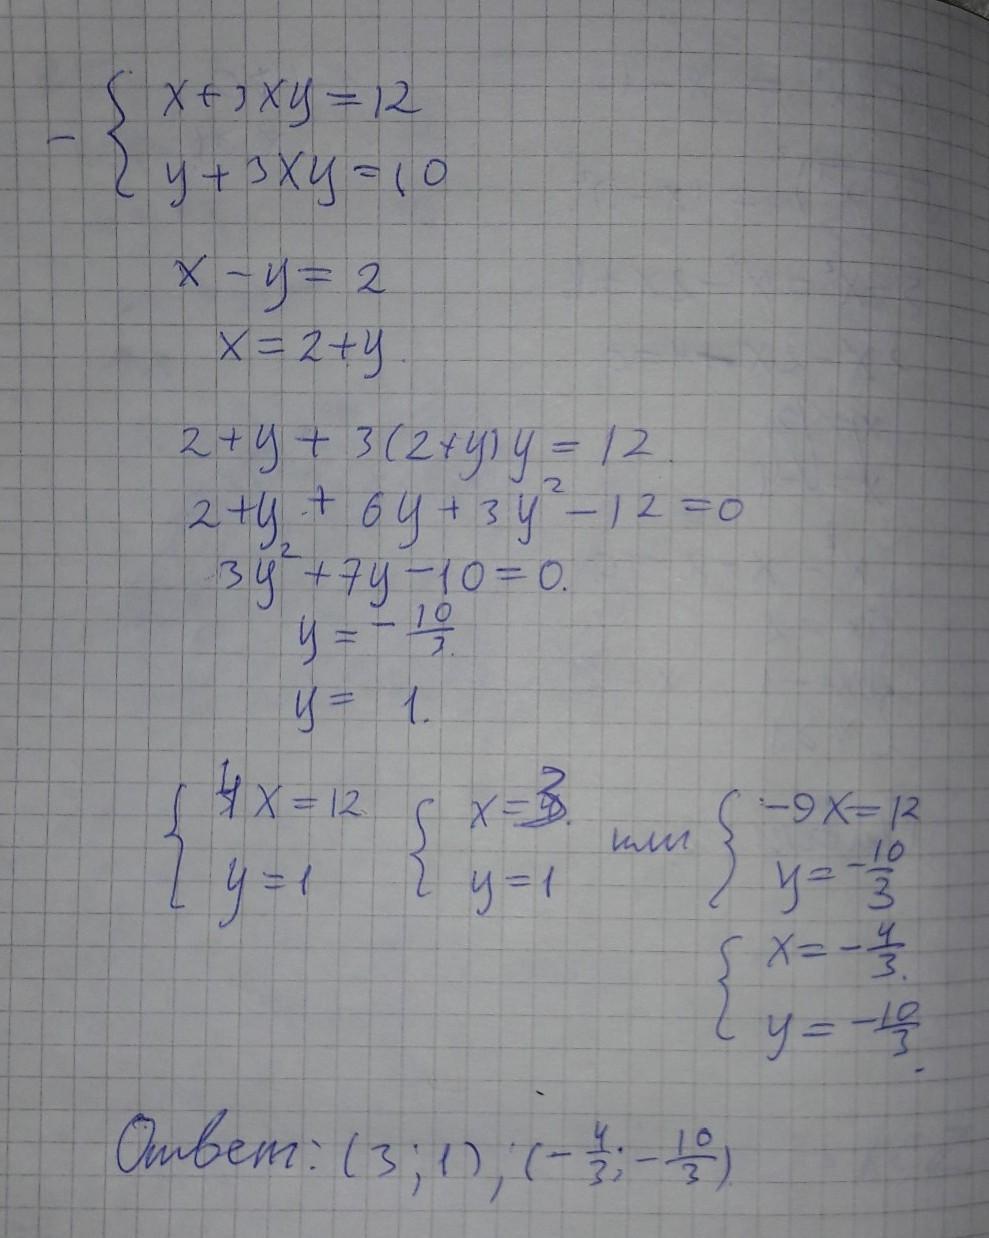 Розв'яжіть систему рівнянь х+3ху=12 у+3ху=10